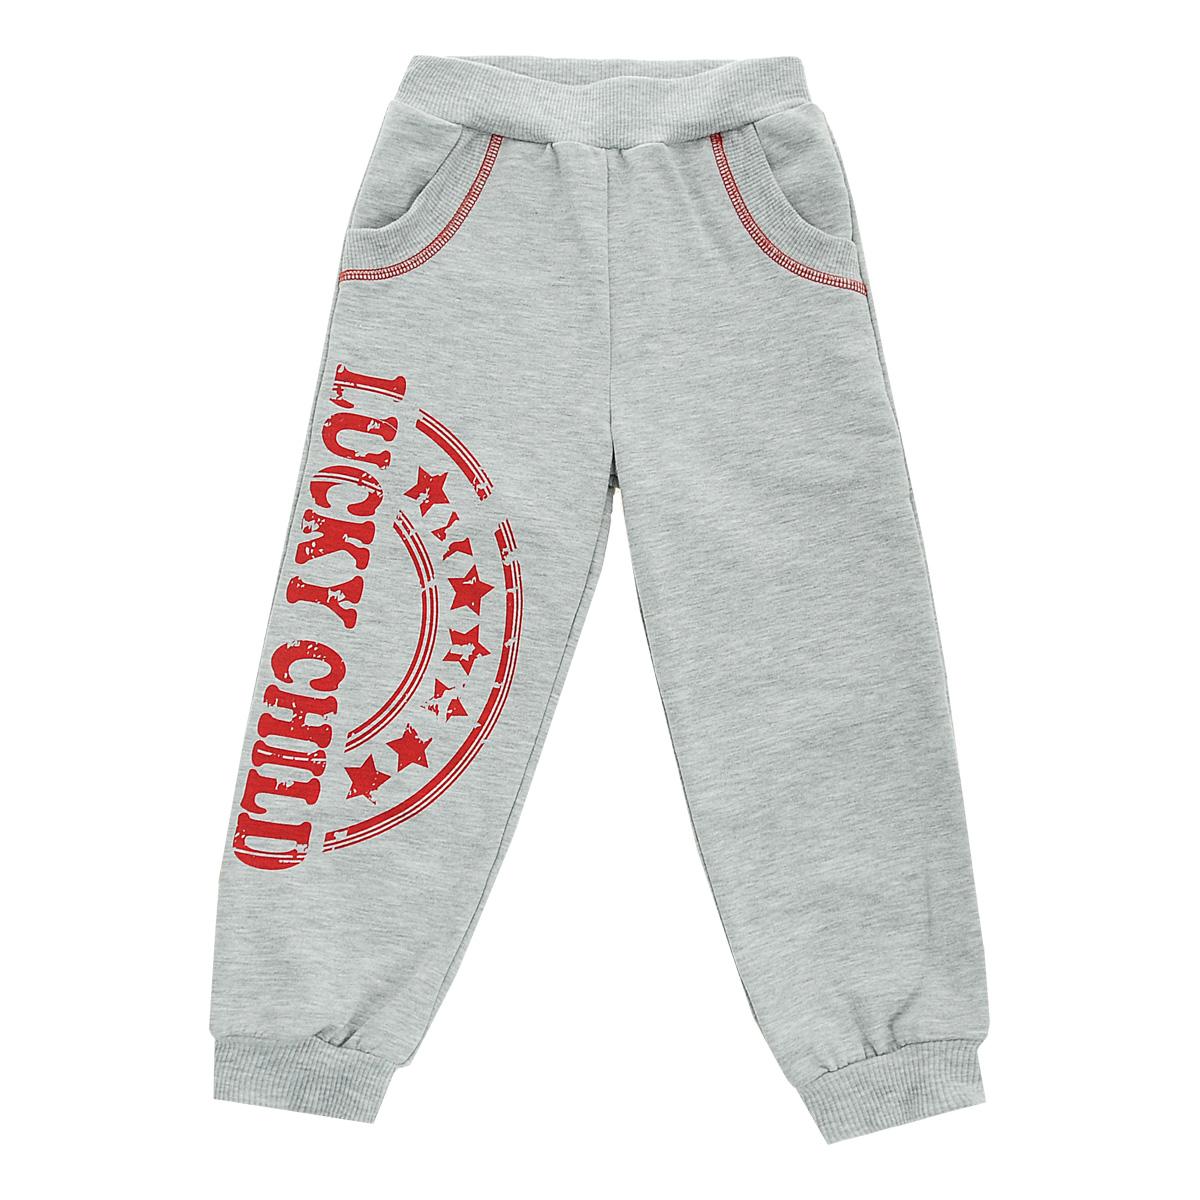 Брюки8-9Детские брюки Lucky Child идеально подойдут вашему малышу. Изготовленные из интерлока - натурального хлопка, они необычайно мягкие и приятные на ощупь, не сковывают движения ребенка и позволяют коже дышать, не раздражают даже самую нежную и чувствительную кожу малыша, обеспечивая ему наибольший комфорт. Брюки на талии имеют широкую эластичную резинку, благодаря чему они не сдавливают животик ребенка и не сползают. Снизу брючины дополнены широкими трикотажными манжетами. По бокам имеются втачные кармашки. Спереди на правой брючине они декорированы оригинальным принтом Lucky Child. Оригинальный современный дизайн и модная расцветка делают эти брюки модным и стильным предметом детского гардероба. В них ваш ребенок будет чувствовать себя уютно и комфортно и всегда будет в центре внимания!